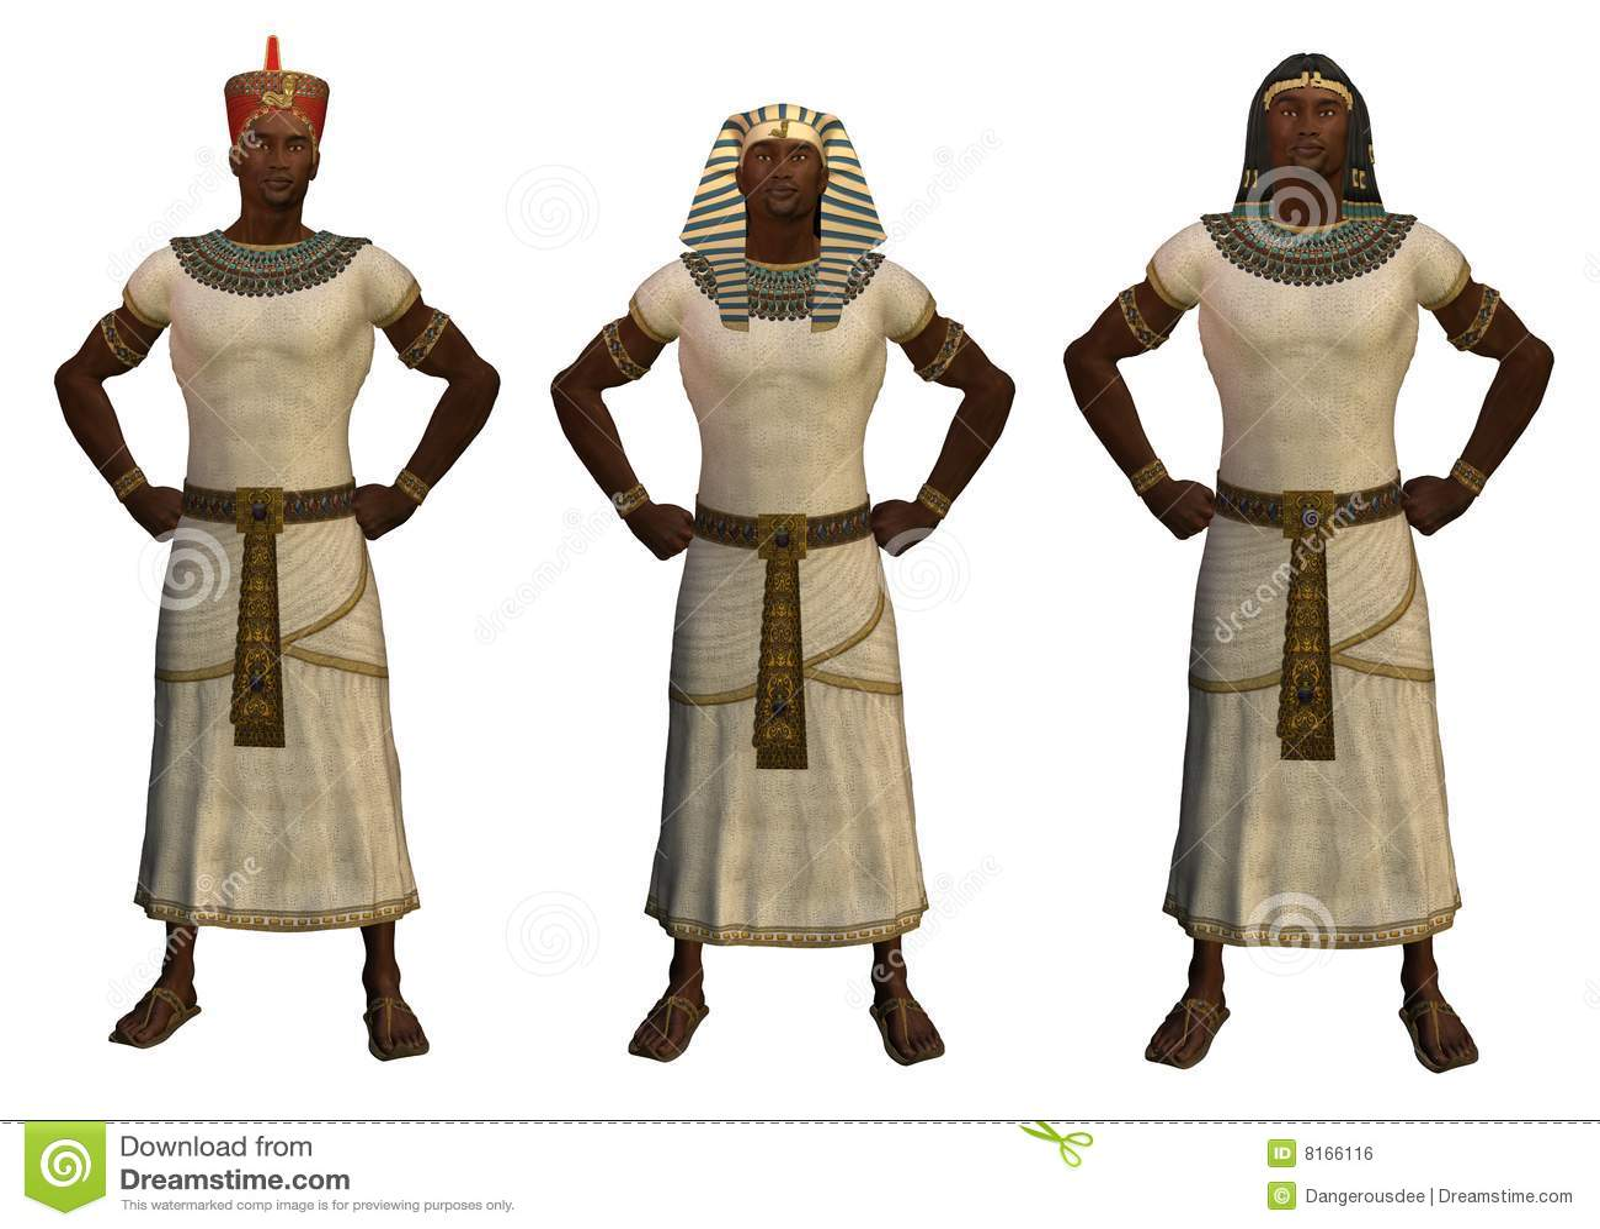 Hieroglyphics worksheet